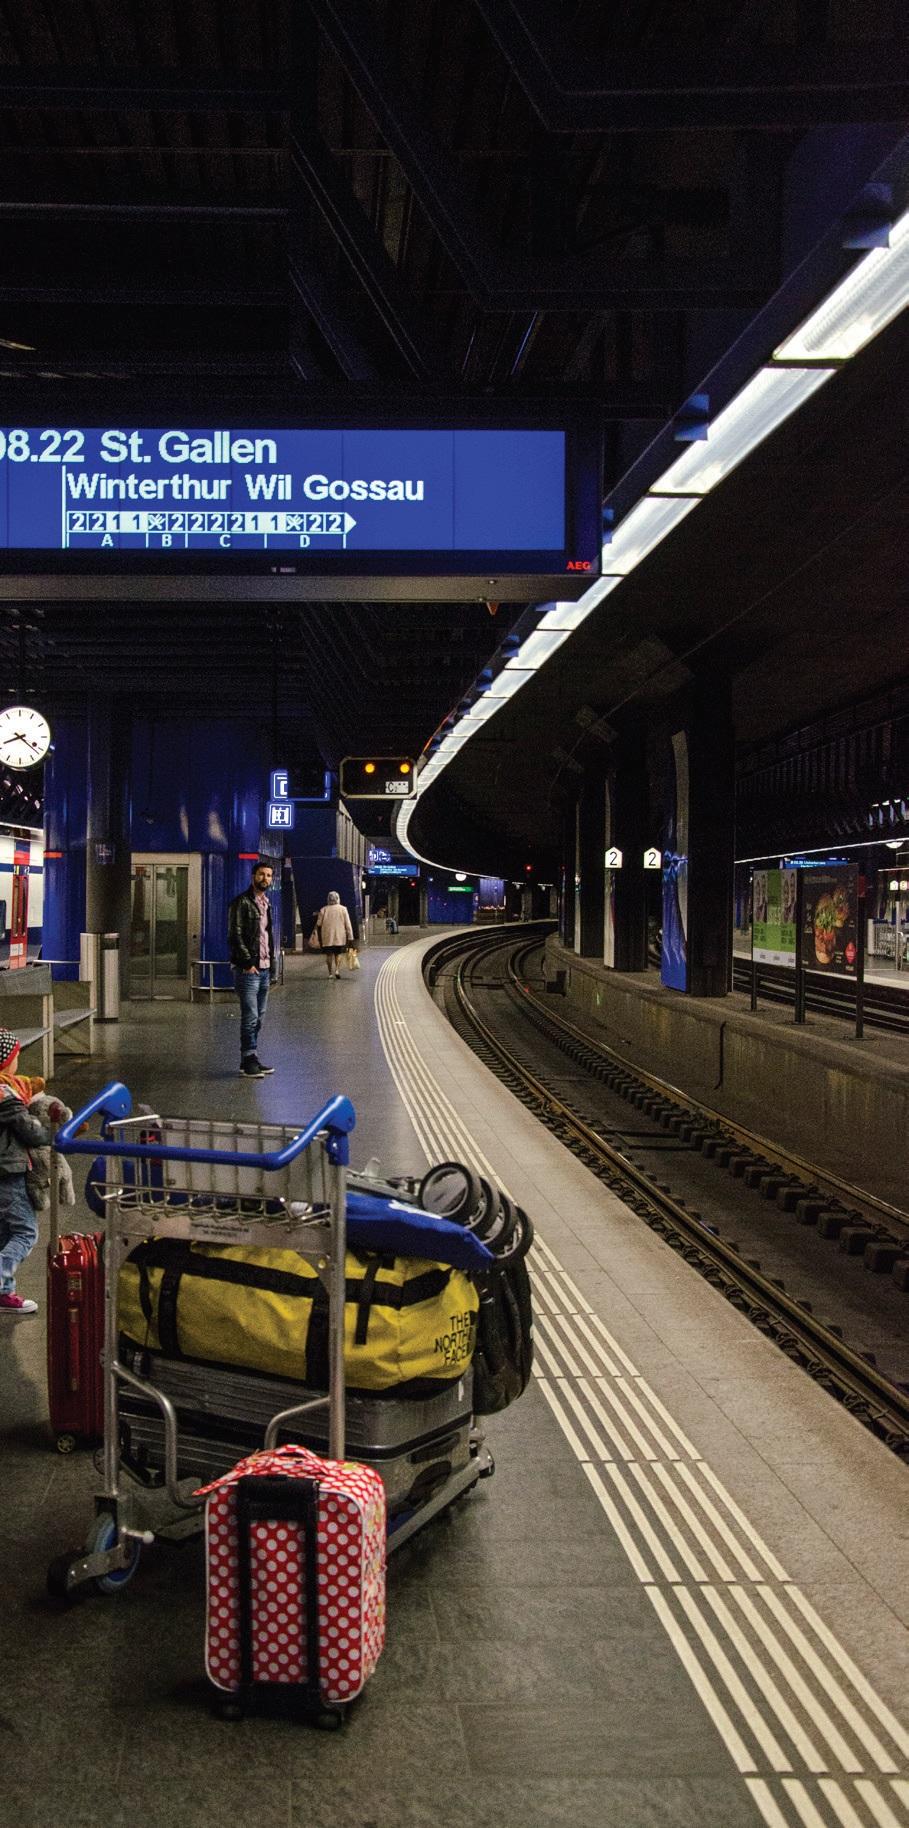 候车站上的指示牌,会清楚写着电车抵达时间,前往地点,而下面那1、1、2、2的就是一等座和2等座的车厢。